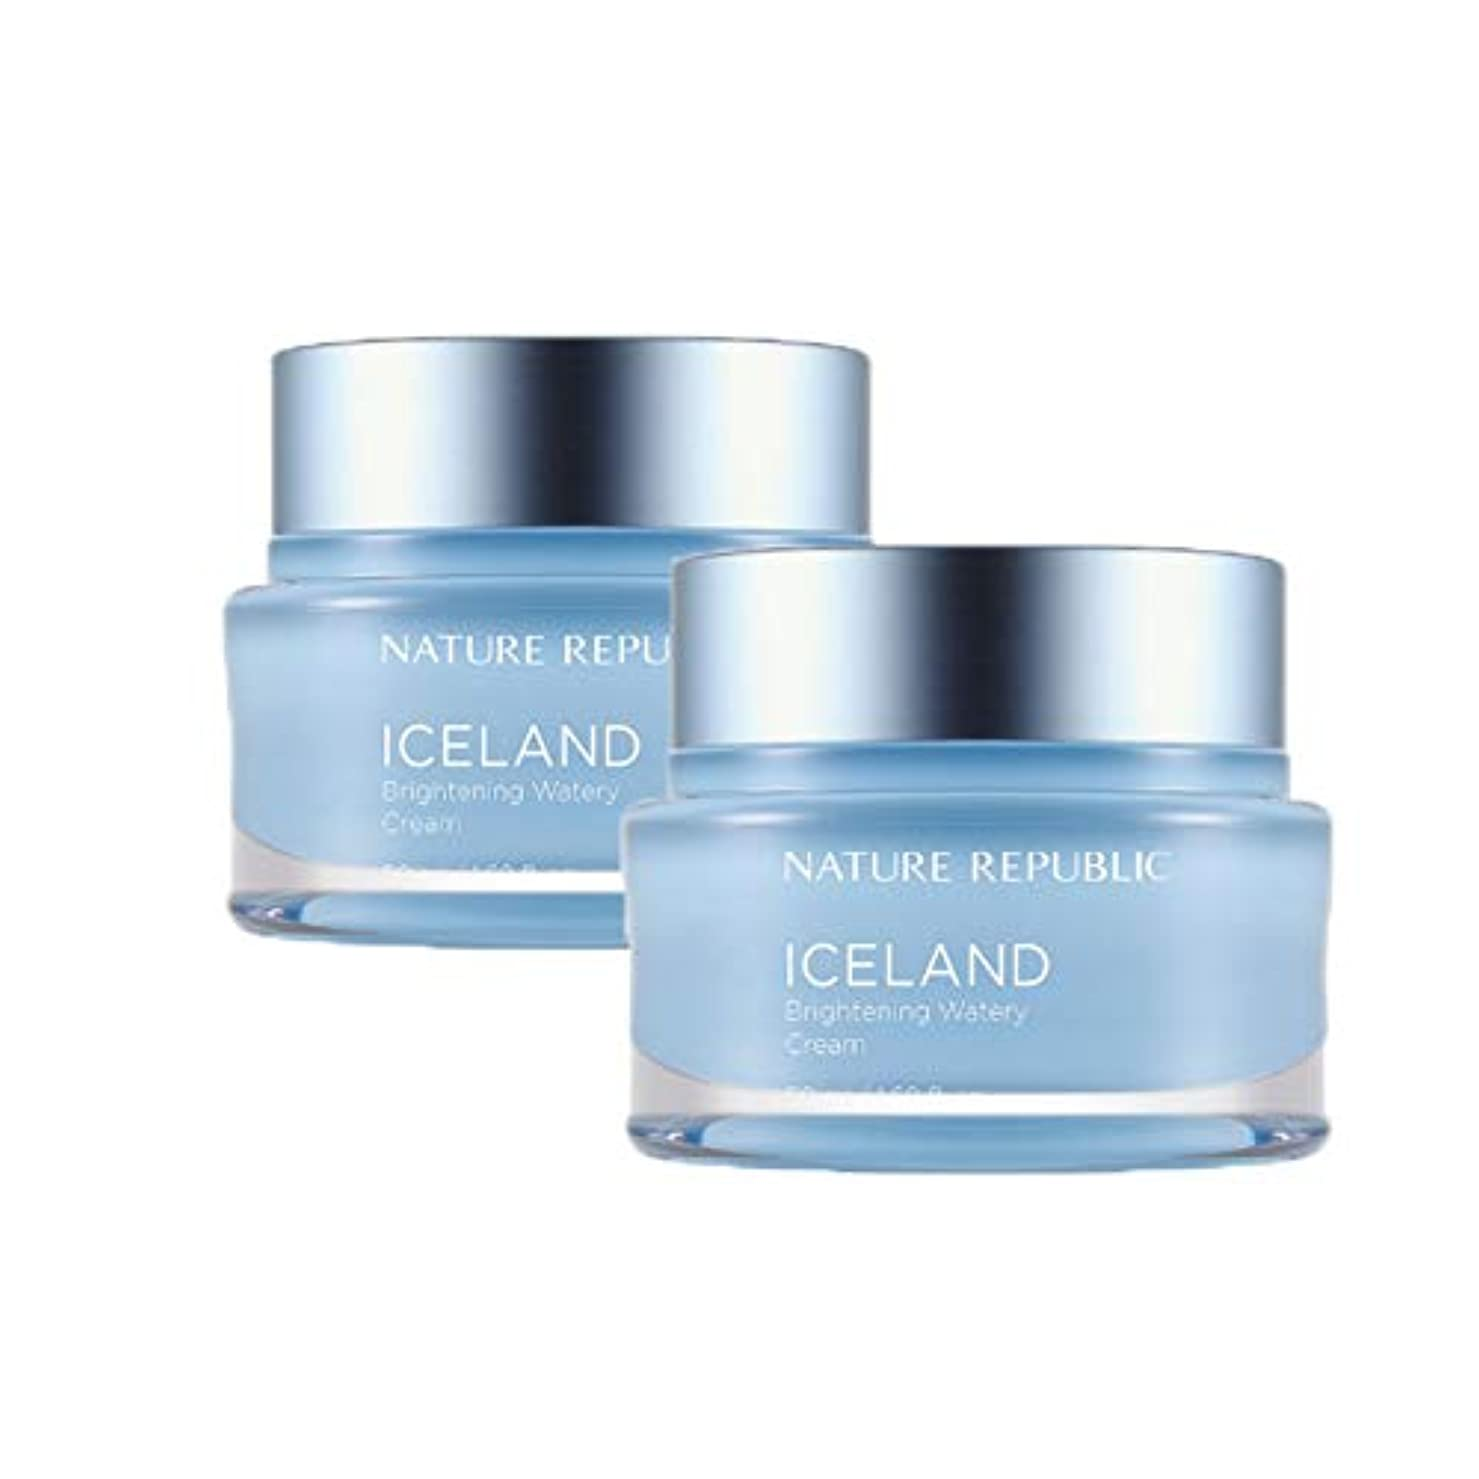 サーキュレーションうなずく申請中ネイチャーリパブリックアイスランドブライトニング水分クリーム50mlx2本セット韓国コスメ、Nature Republic Iceland Brightening Watery Cream 50ml x 2ea Set Korean Cosmetics [並行輸入品]